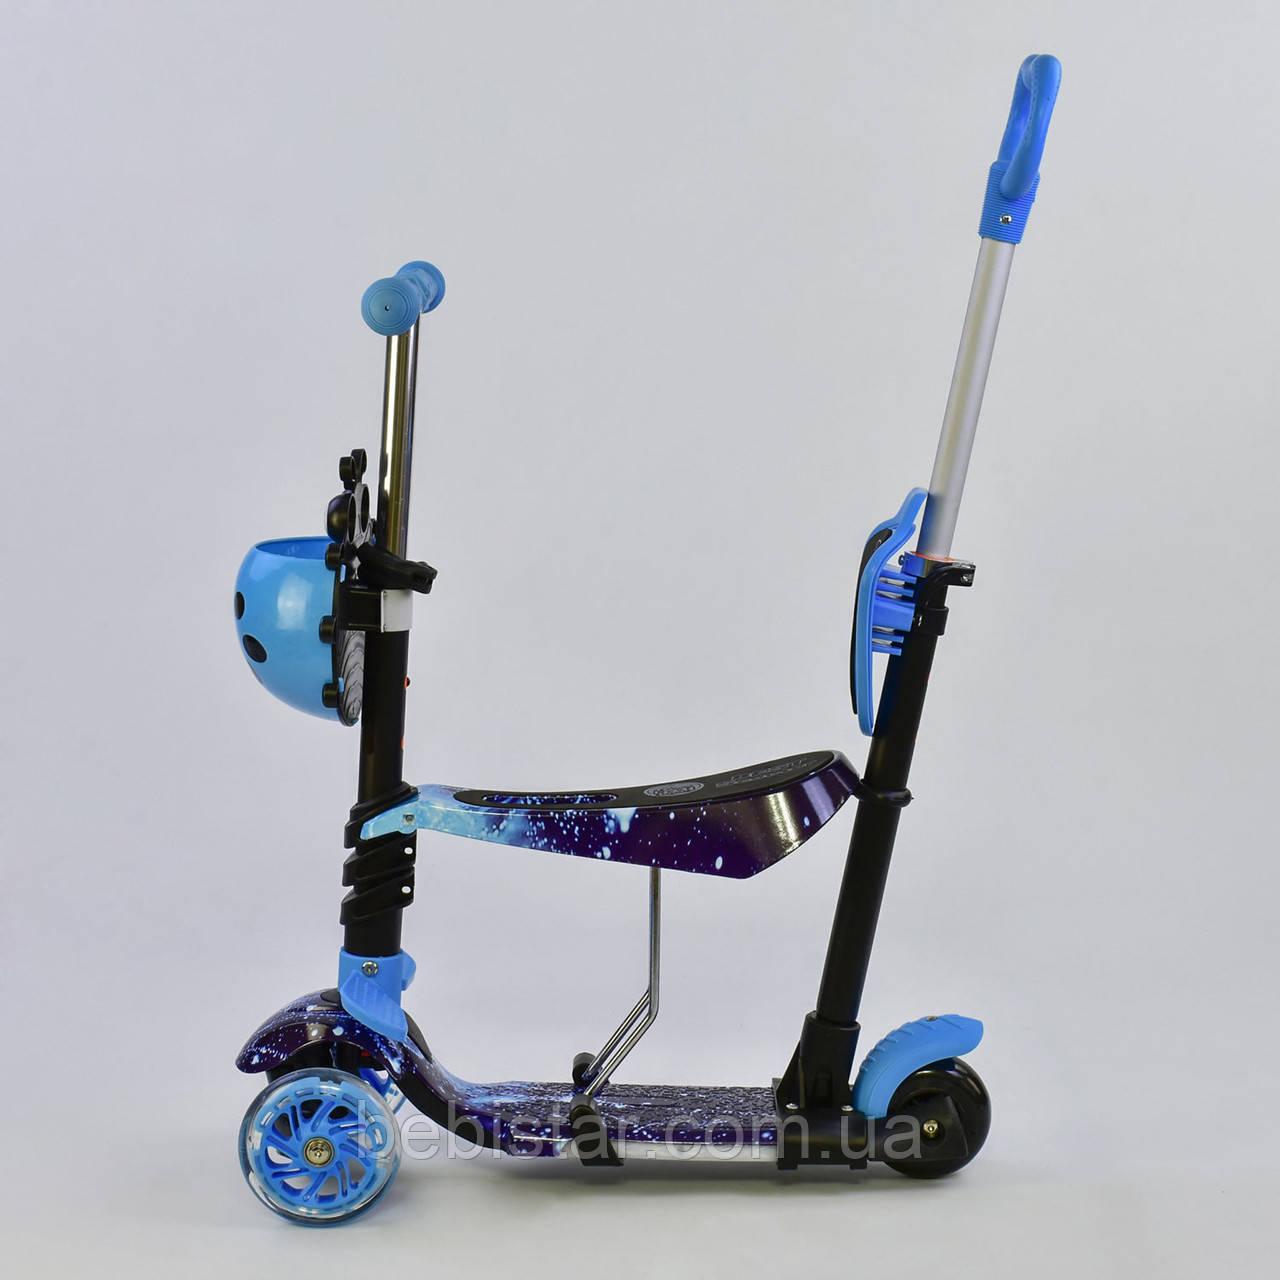 Самокат беговел коляска синий с ручкой подсветкой платформы и светящимися колесами малышам от 1года